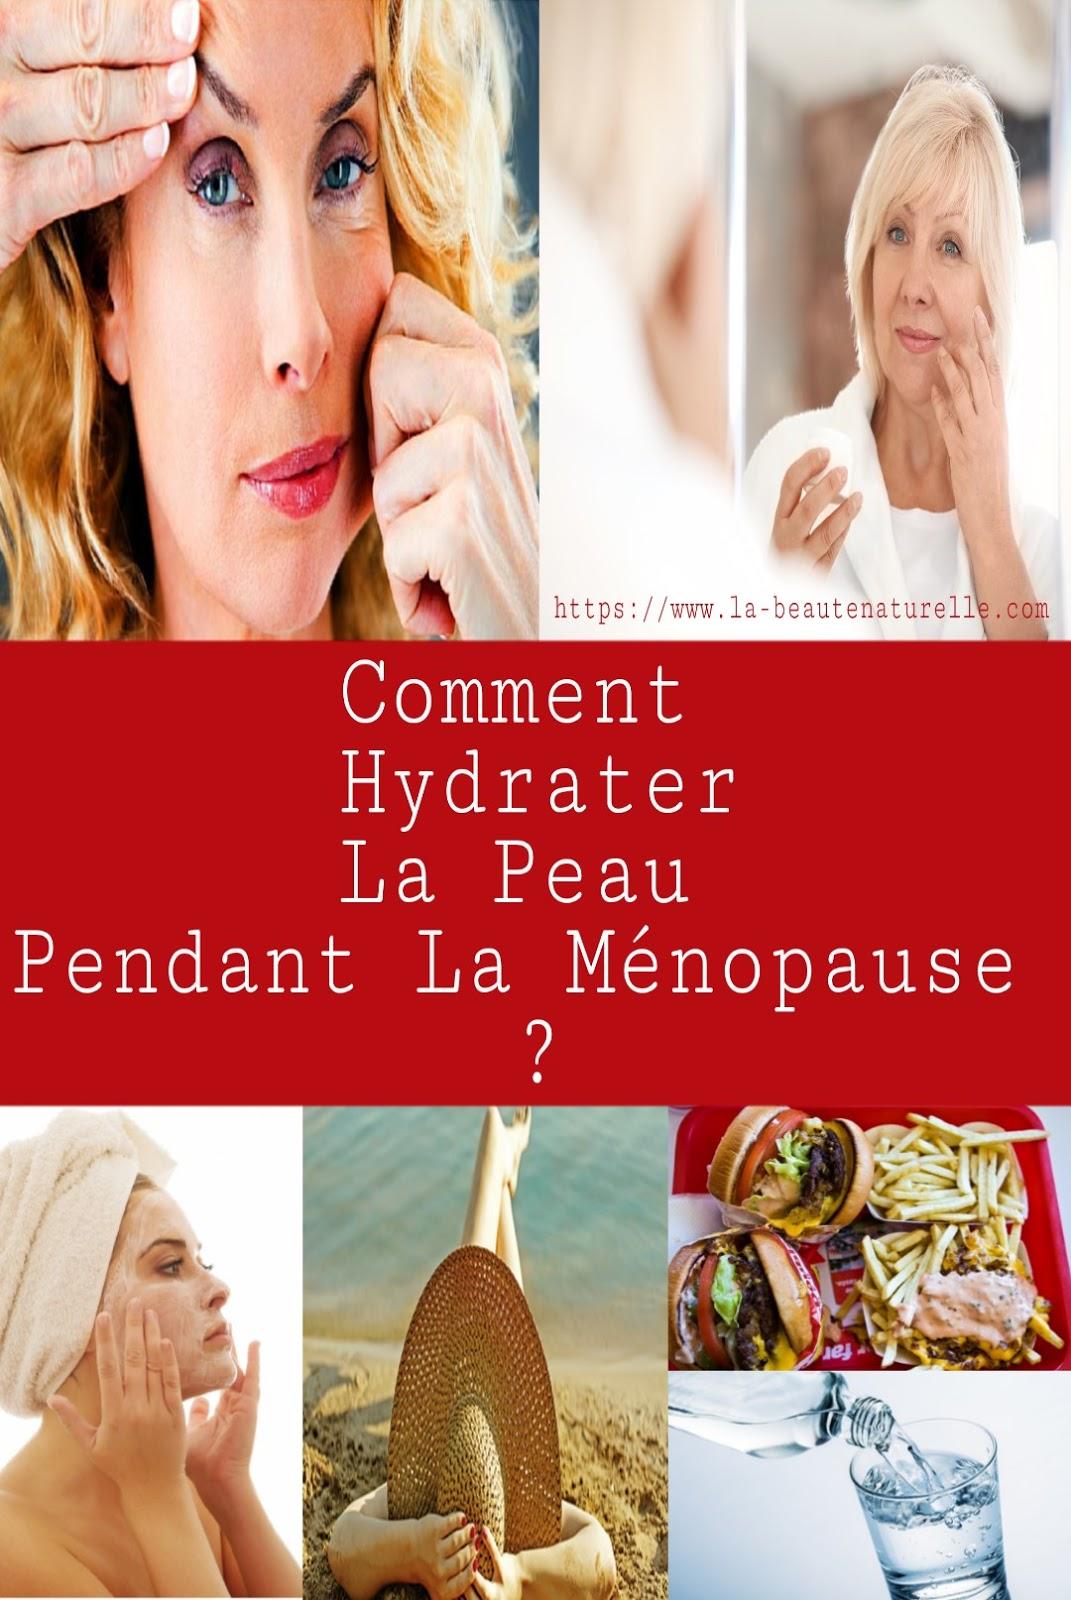 Comment Hydrater La Peau Pendant La Ménopause ?